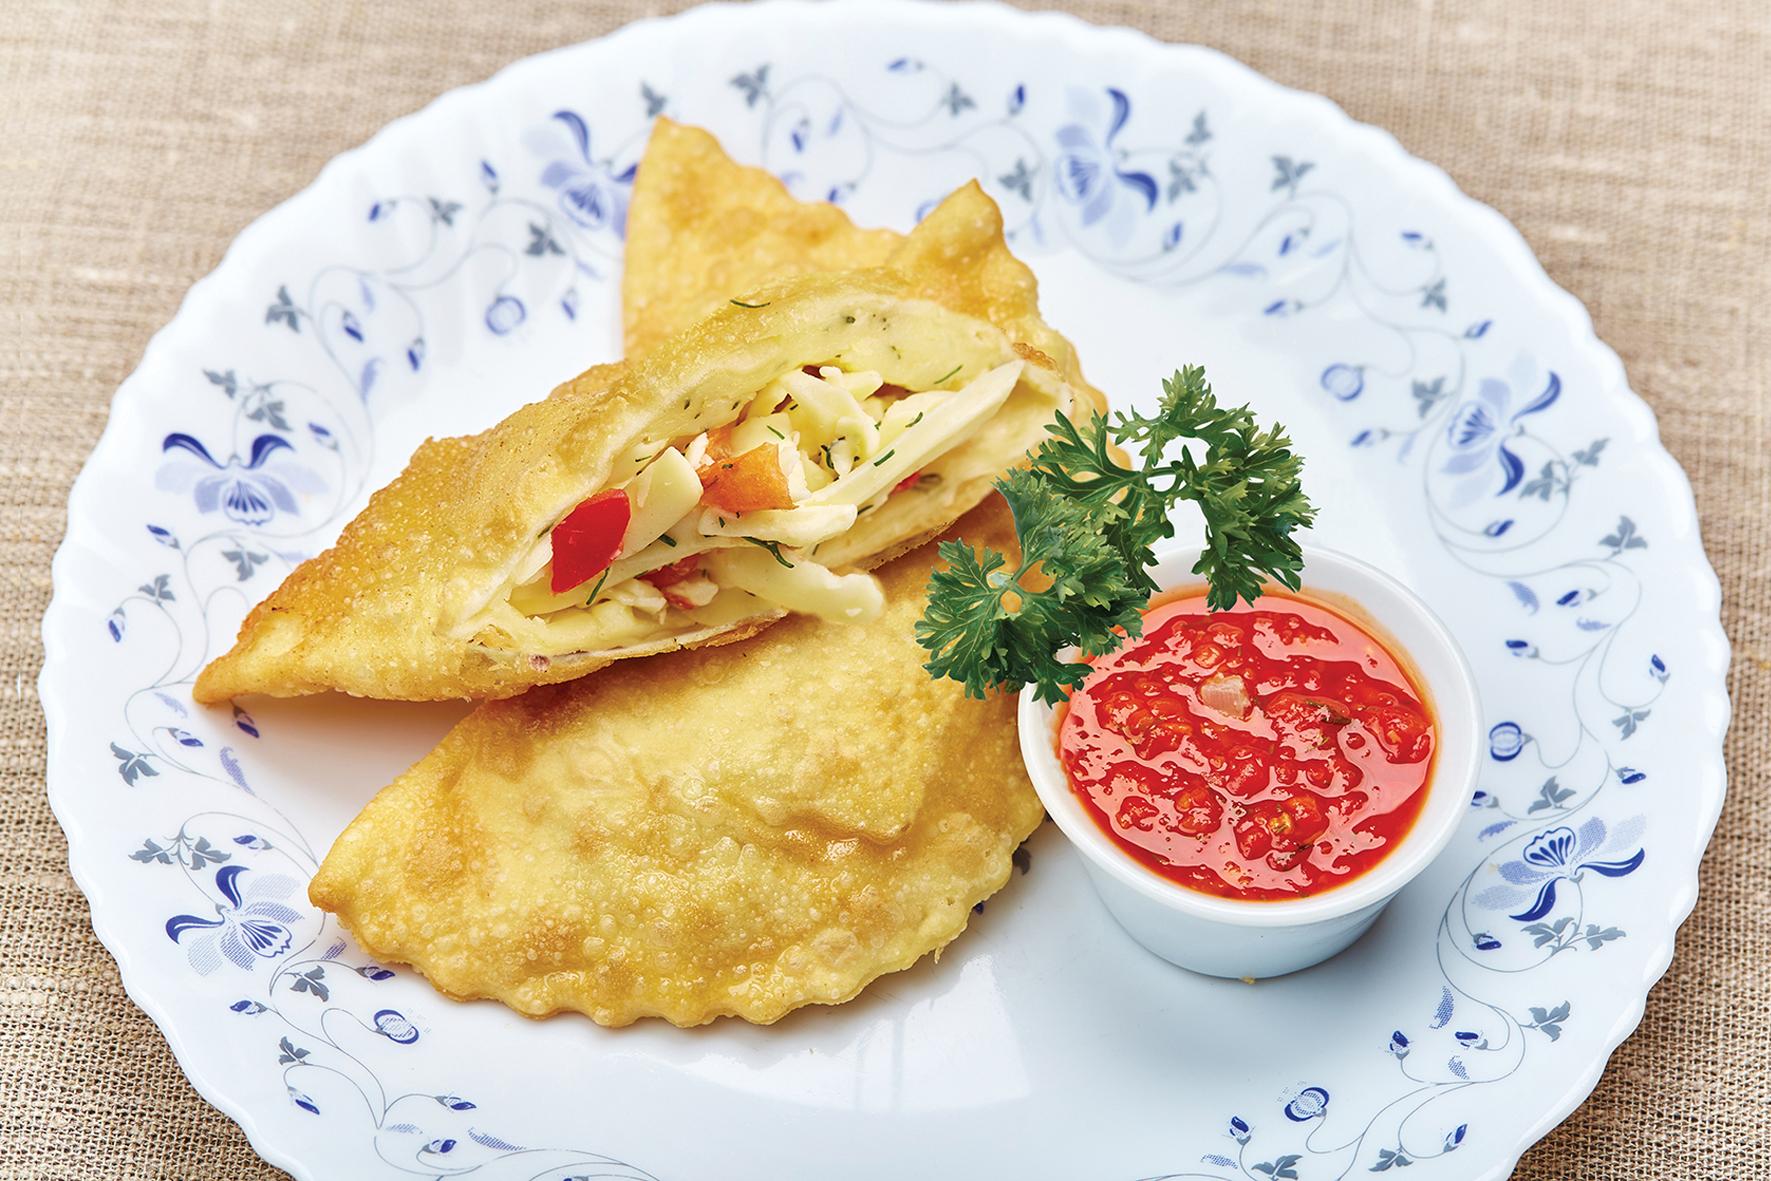 Чебуреки с сыром сулугуни и помидорами (2 шт.)